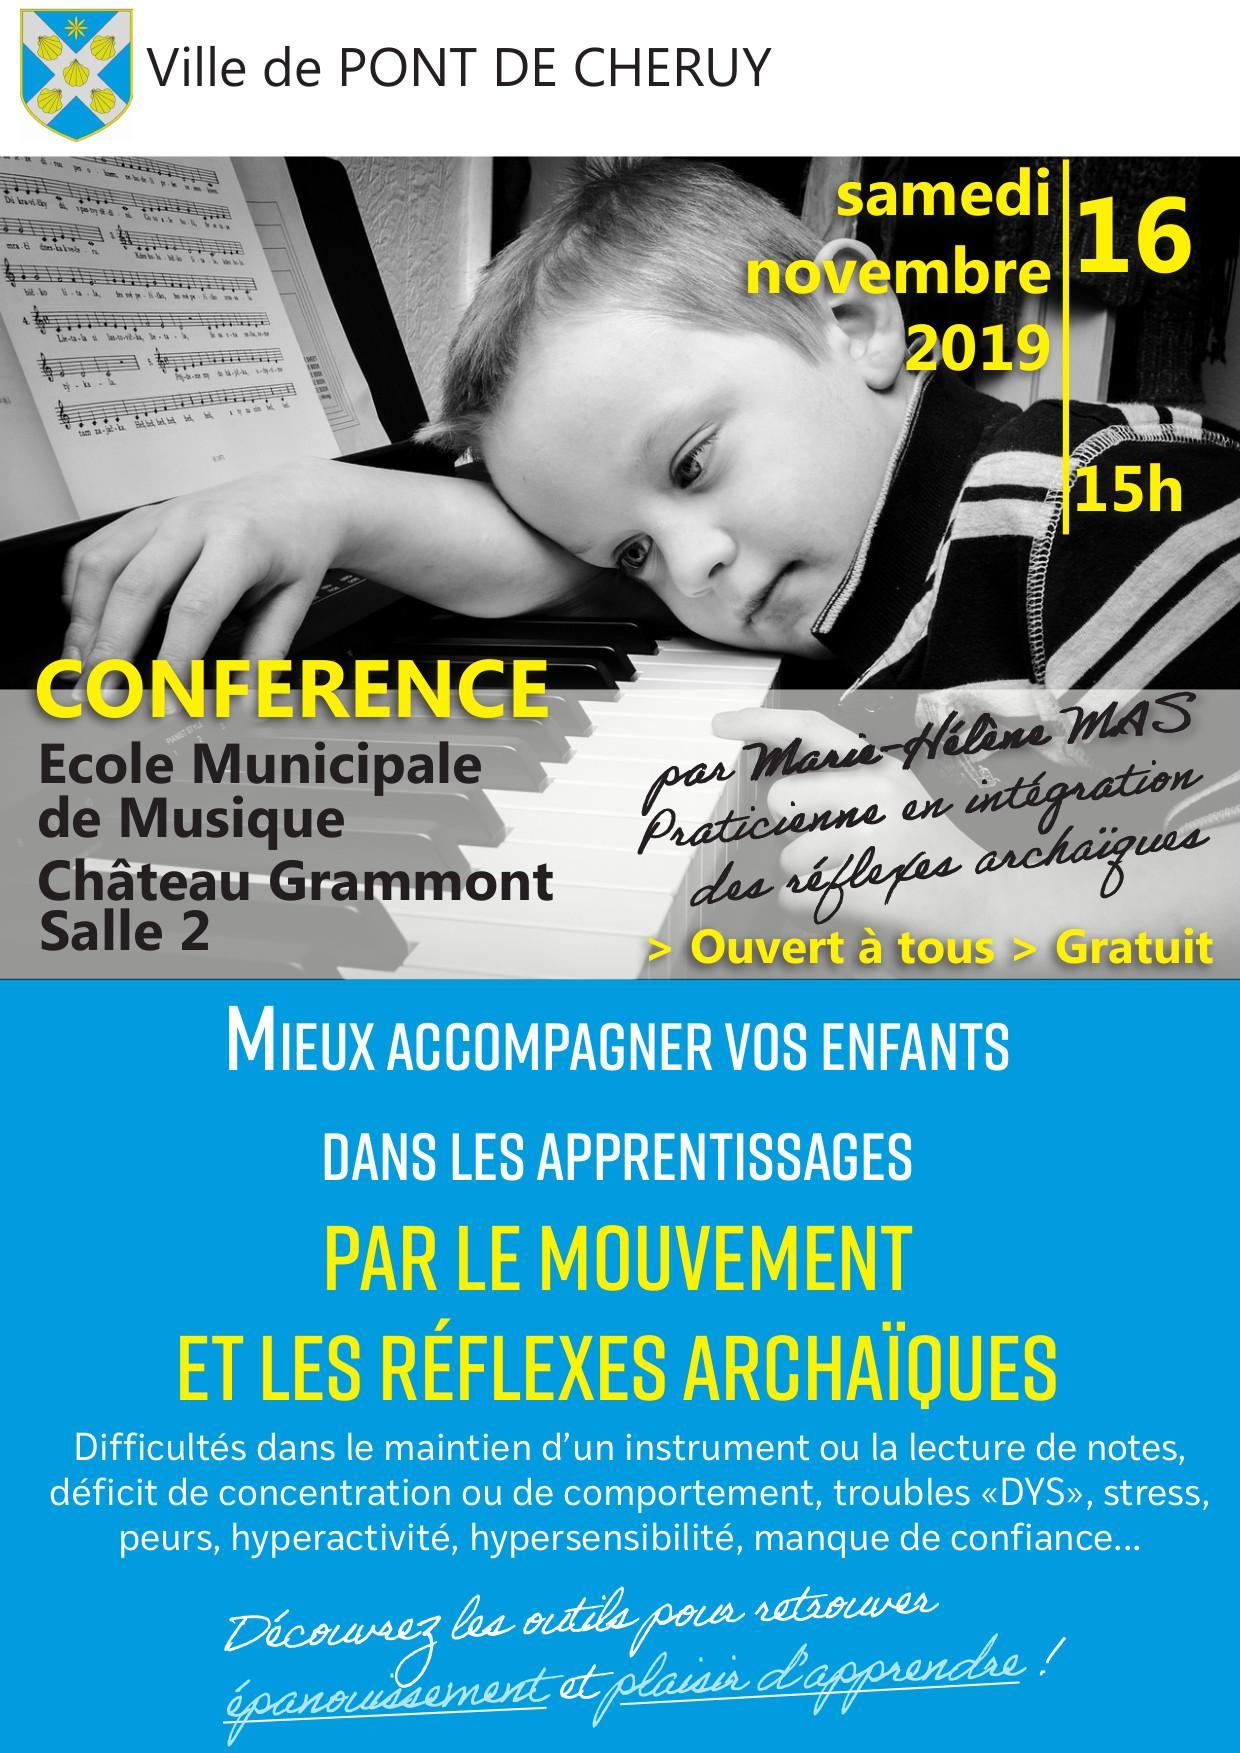 Conférences gratuite sur les mouvements rythmiques